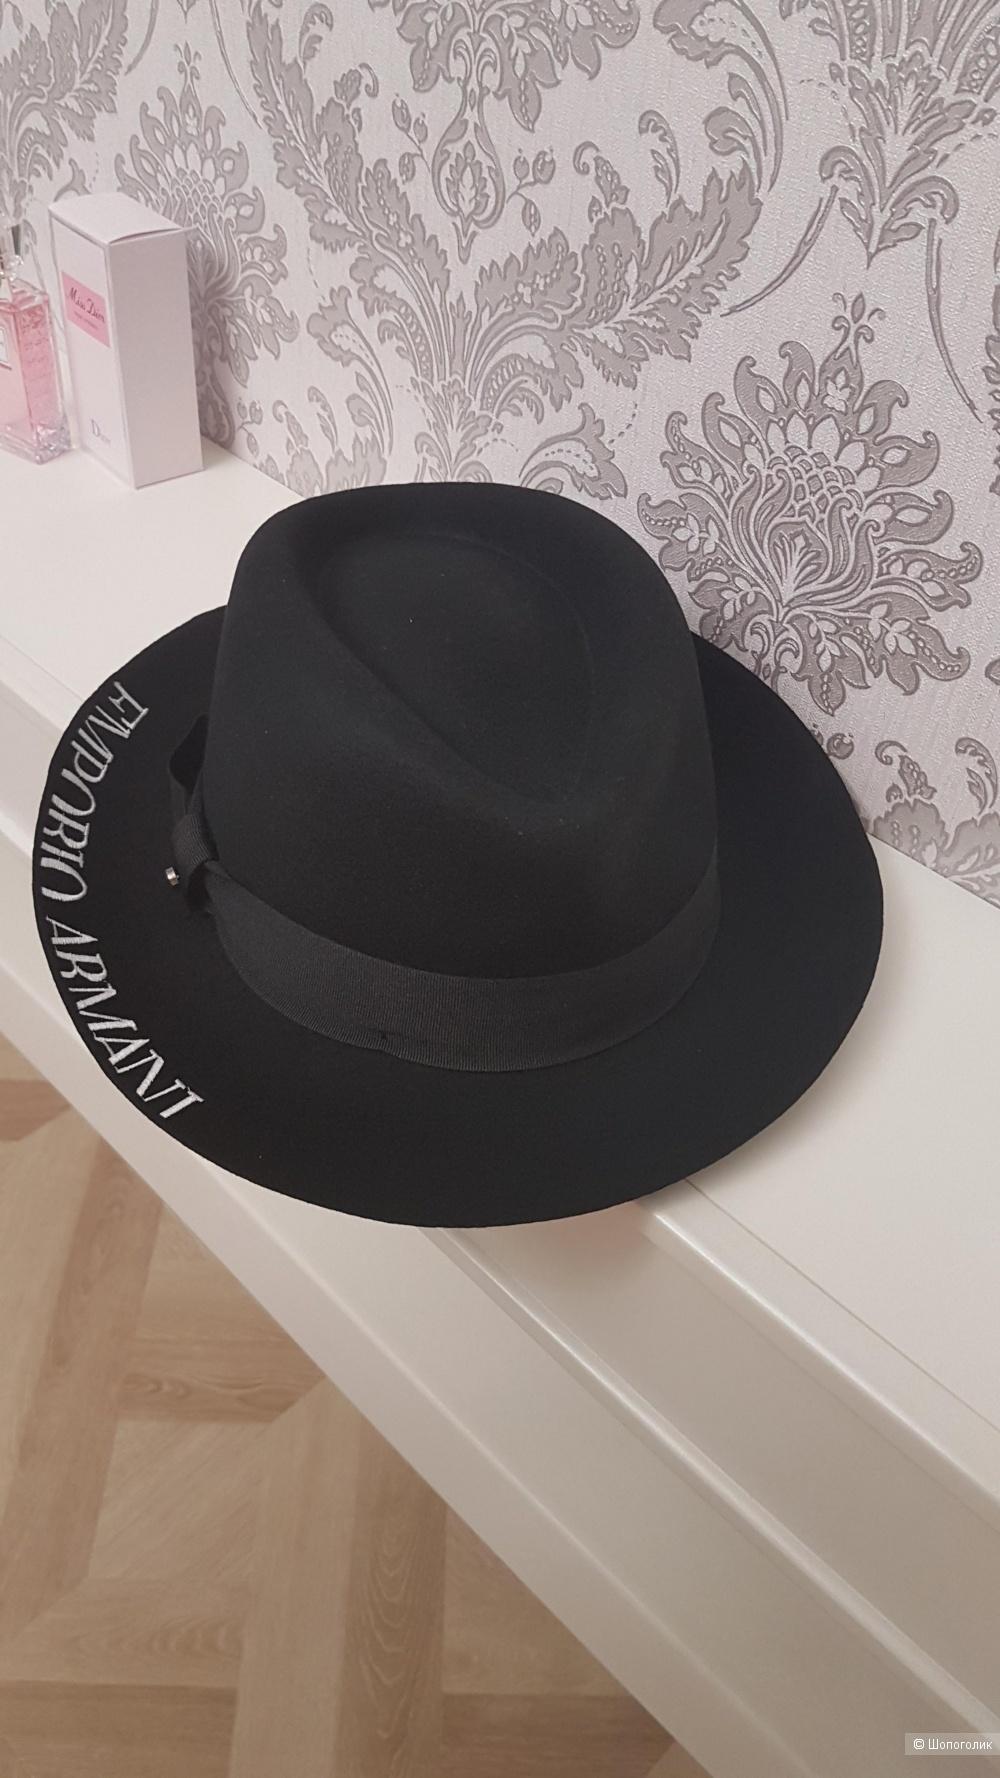 Шляпа Emporio Armani, 58 размер